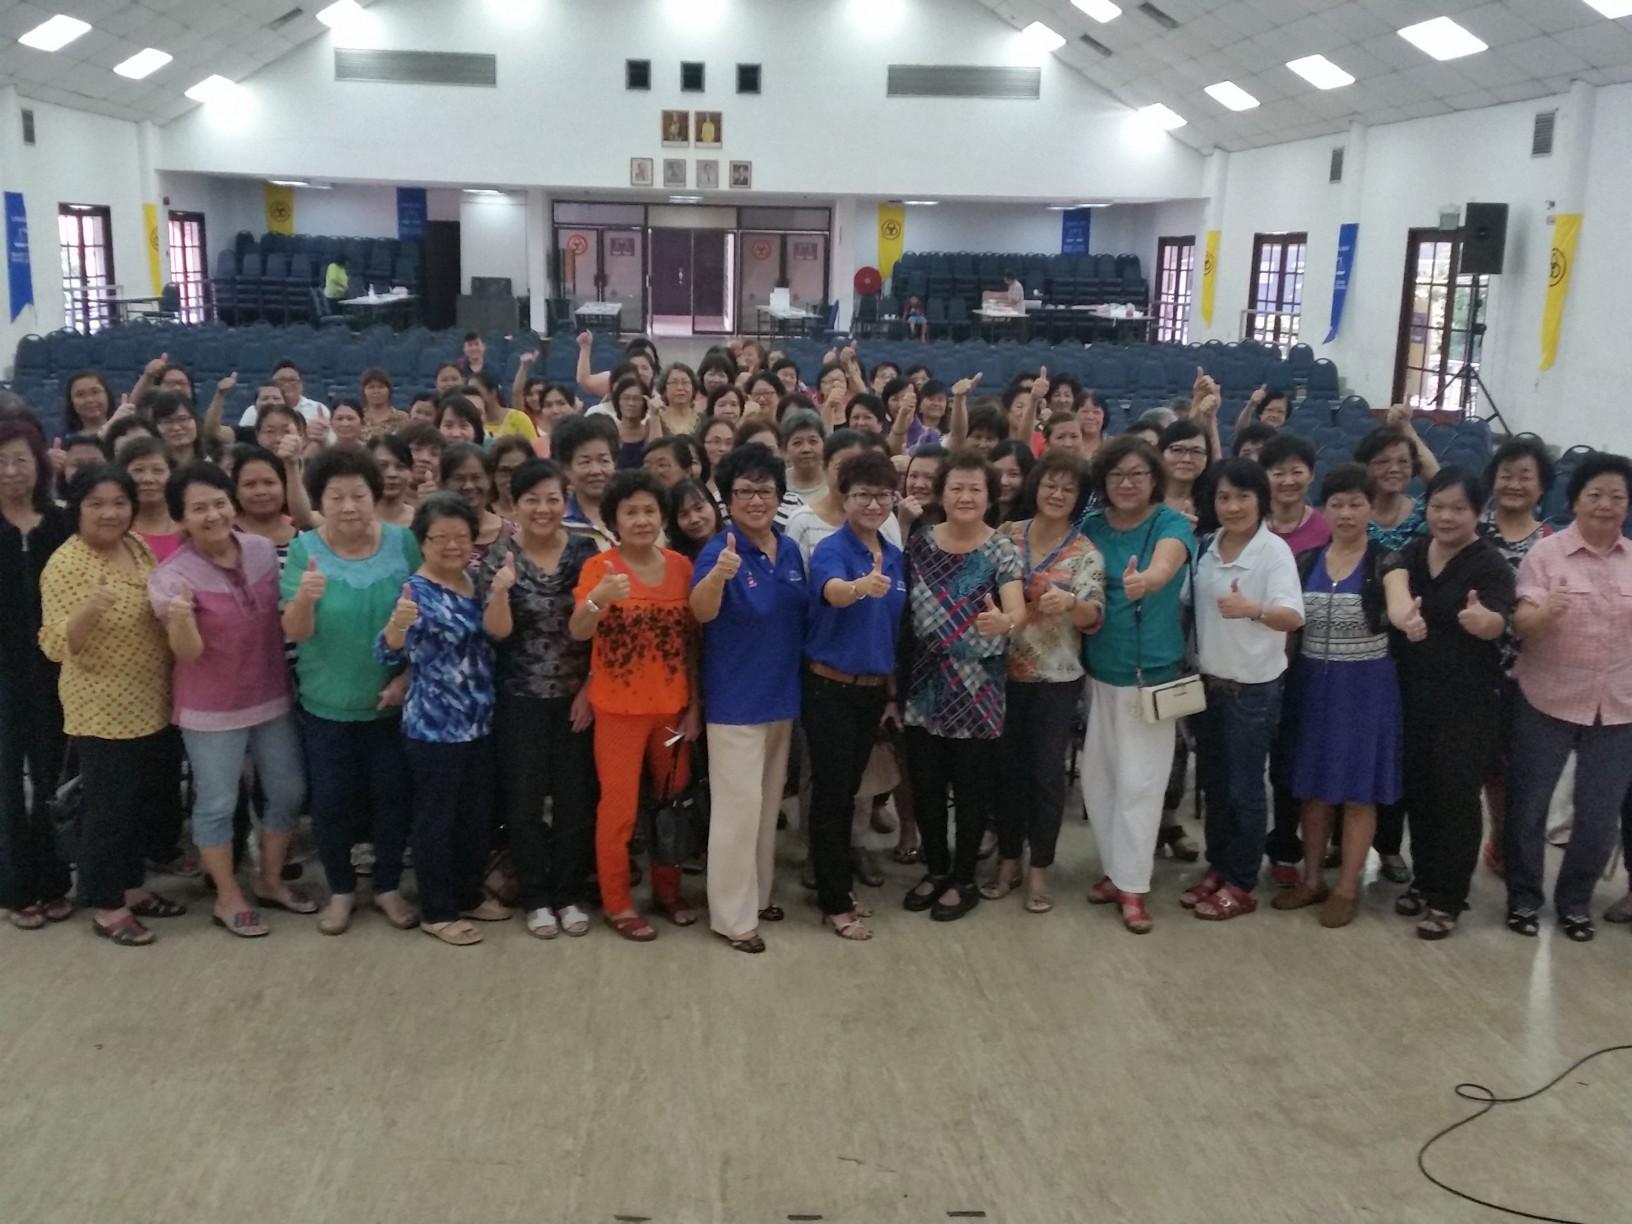 人联党妇女组主席拿汀徐美丽及该组问郑荔嫔移交一个马来西亚社区组委任信函后,与该组组员合影。